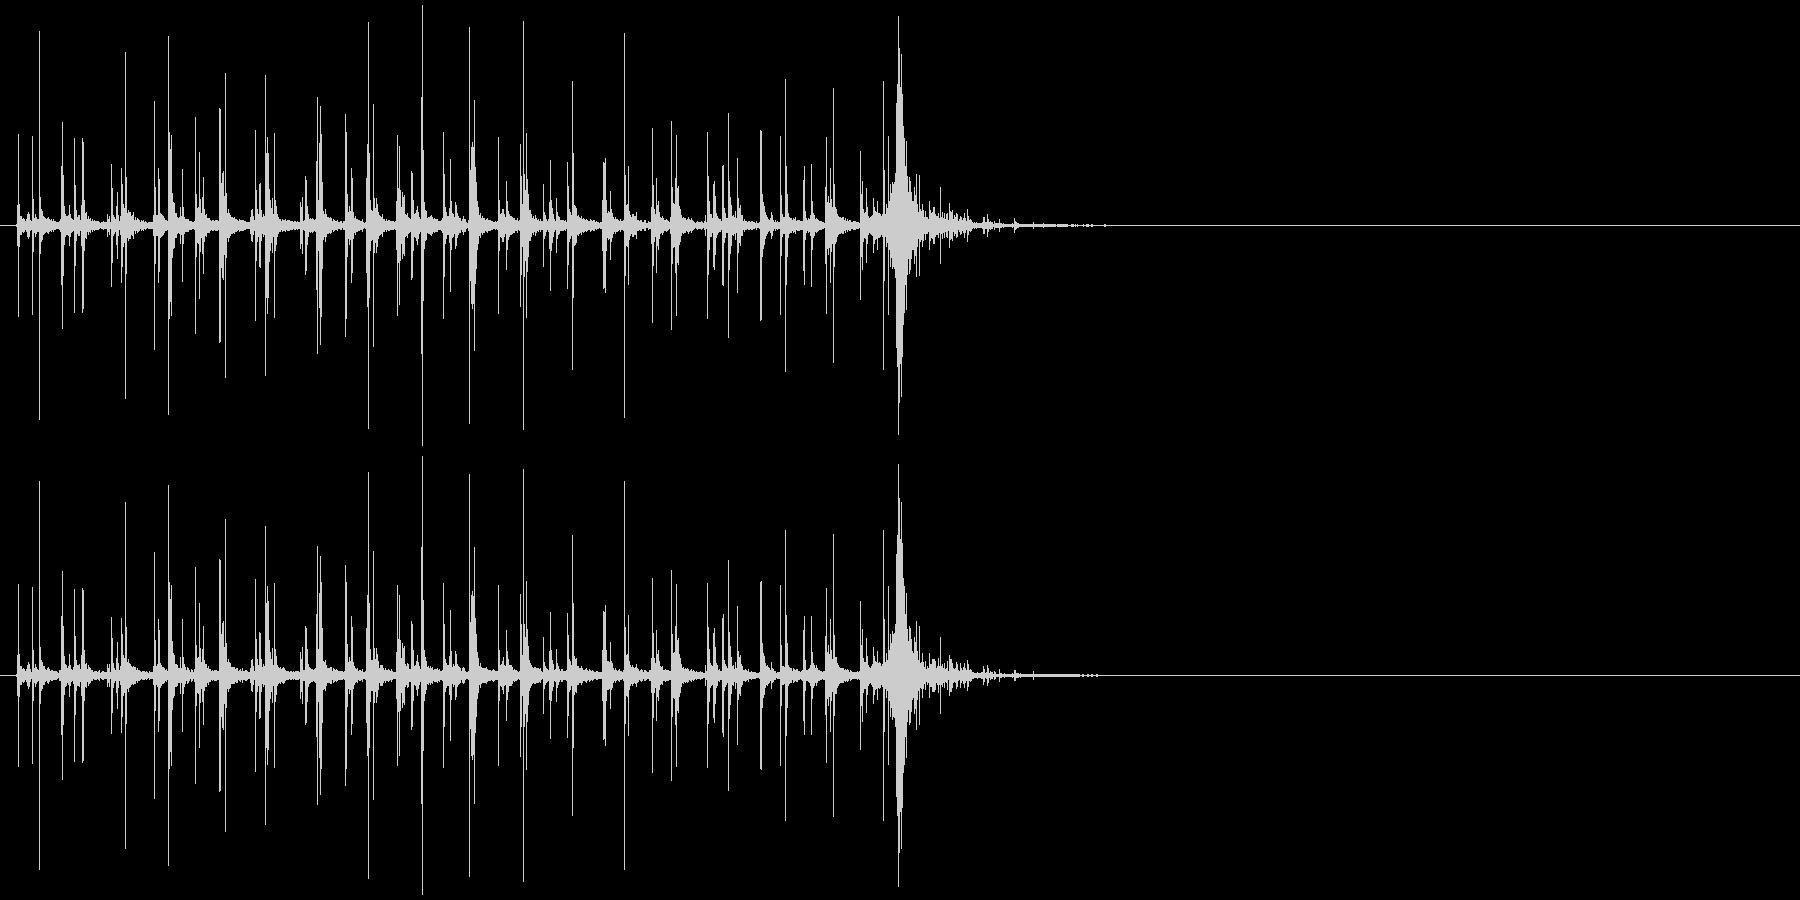 音侍SE「カラカラカラ〜」木製鳴子の音1の未再生の波形